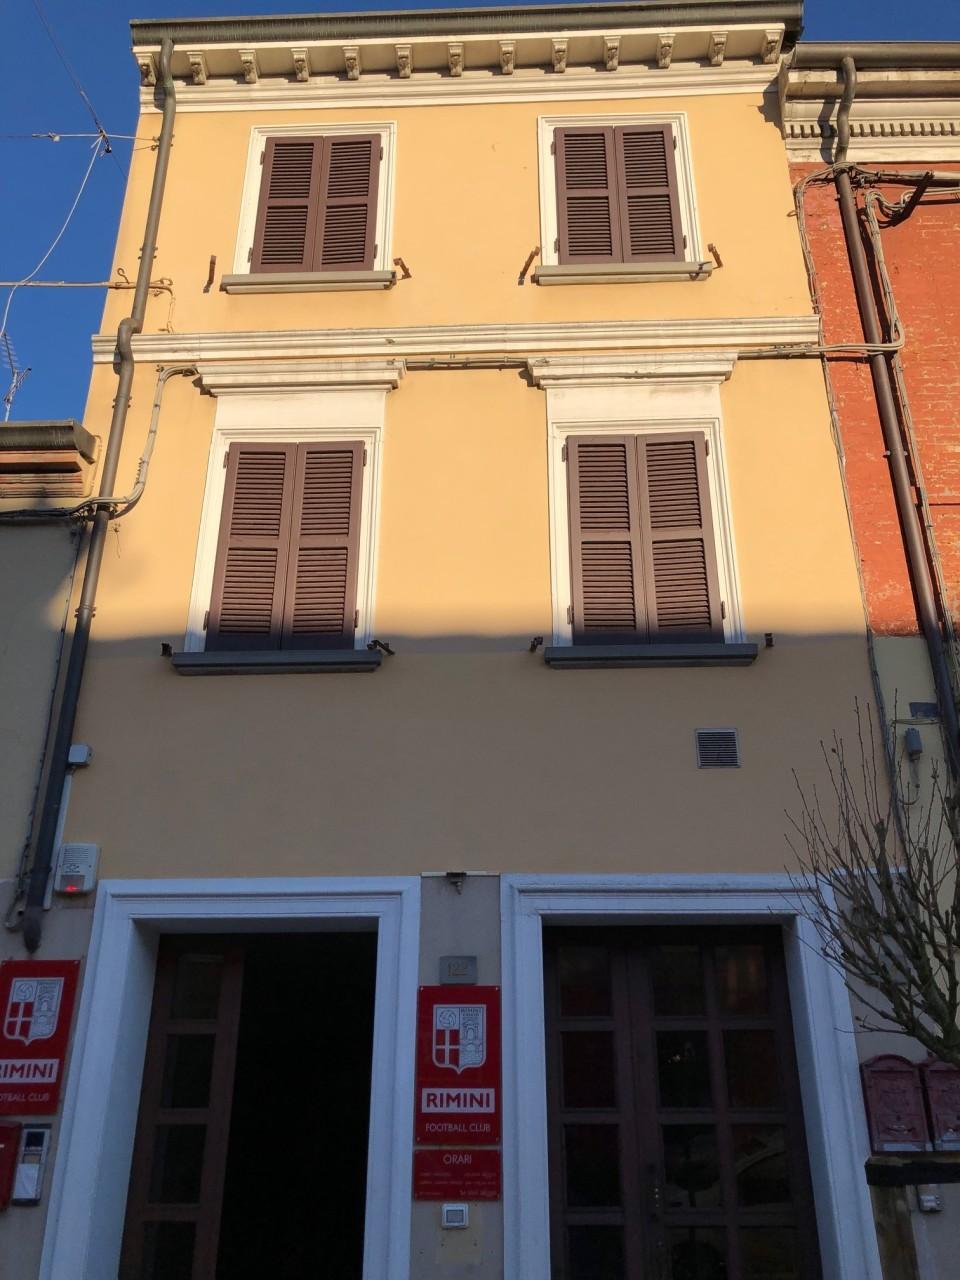 rimini vendita quart: rimini centro storico pronti roberto immobiliare